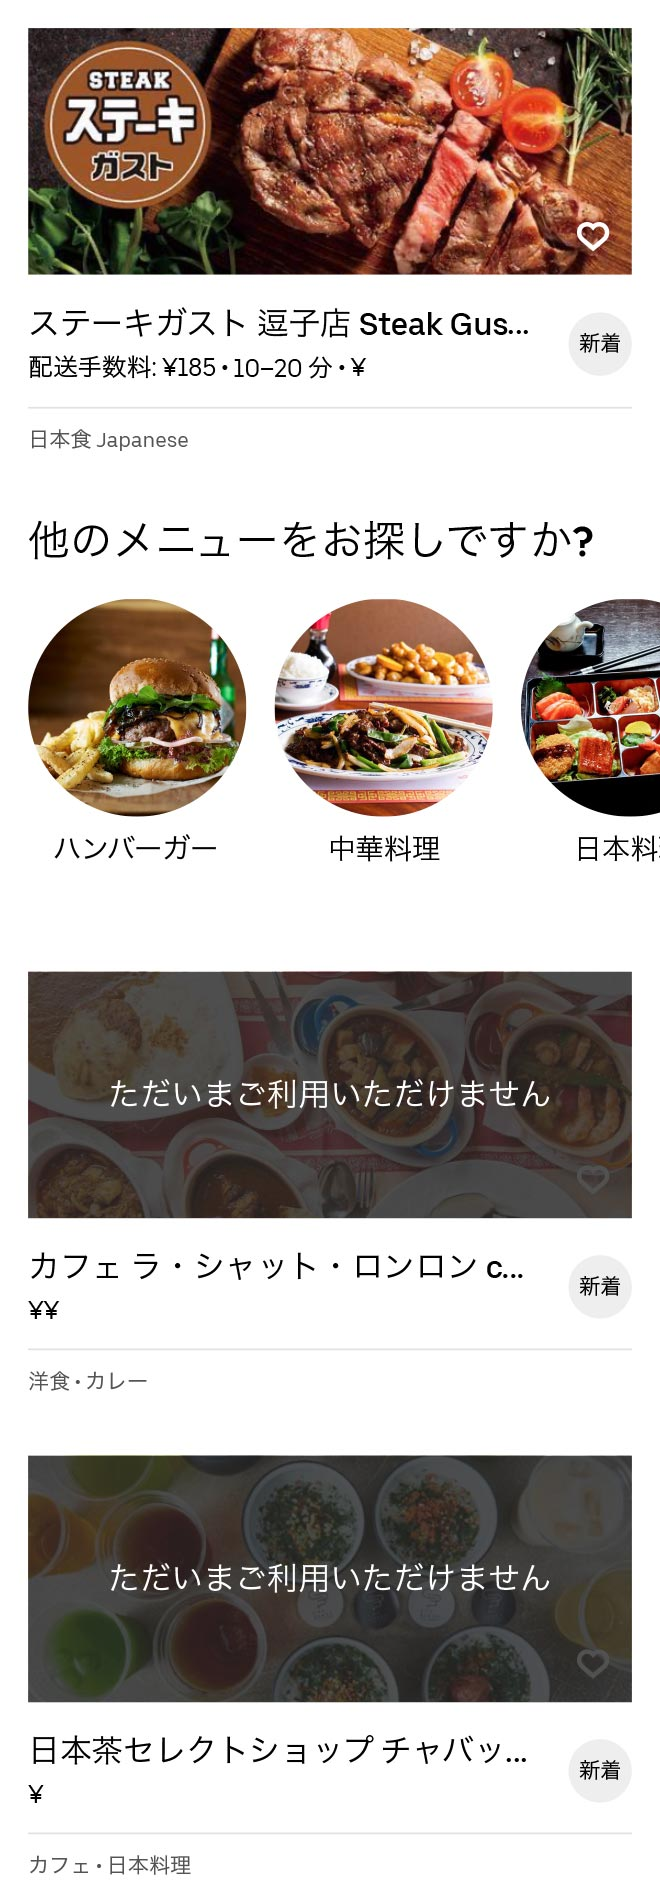 Zushi menu 2008 05